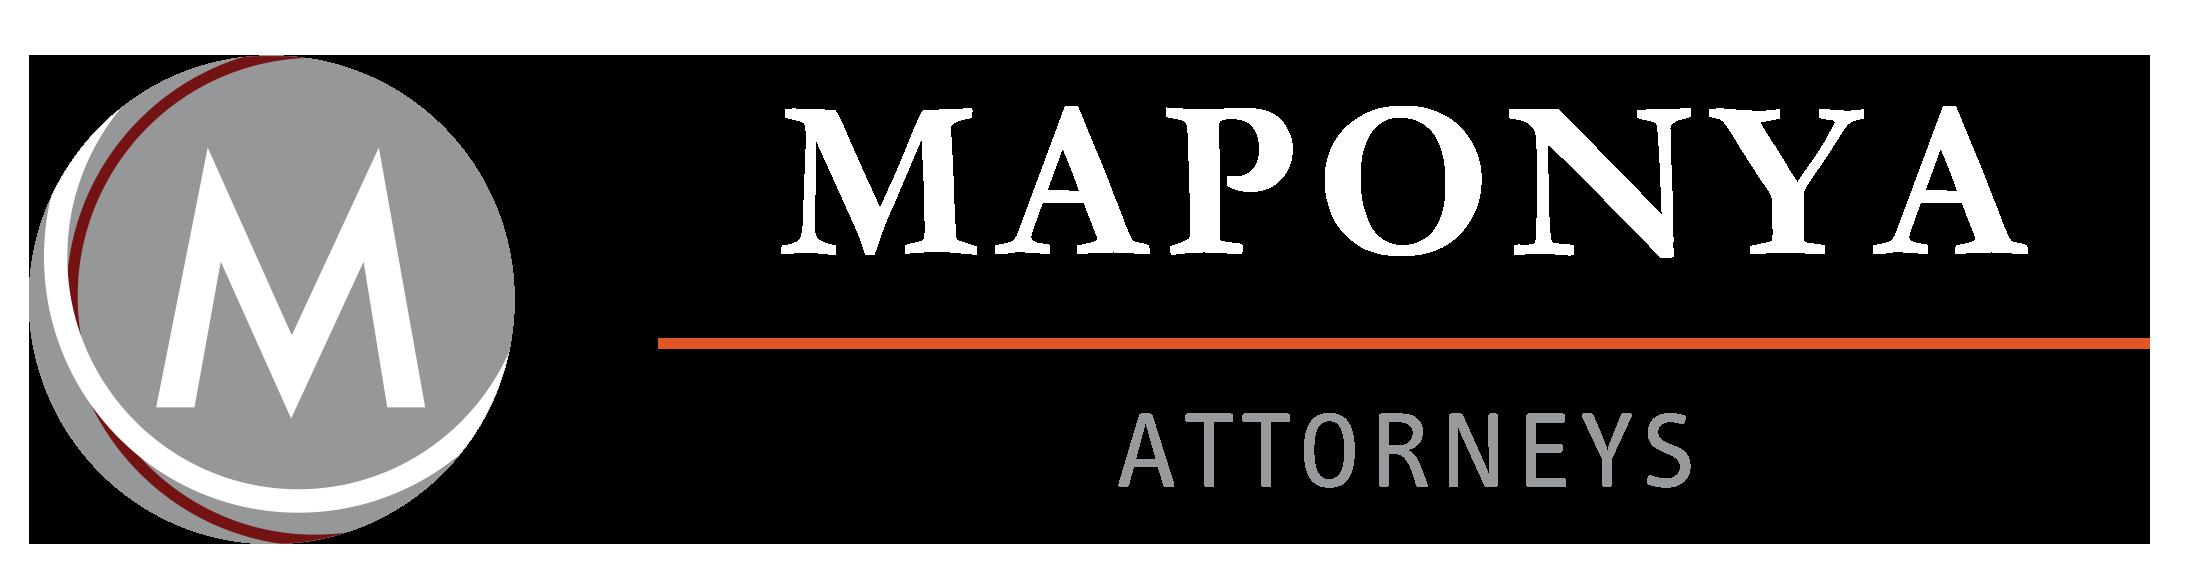 Maponya Attorneys